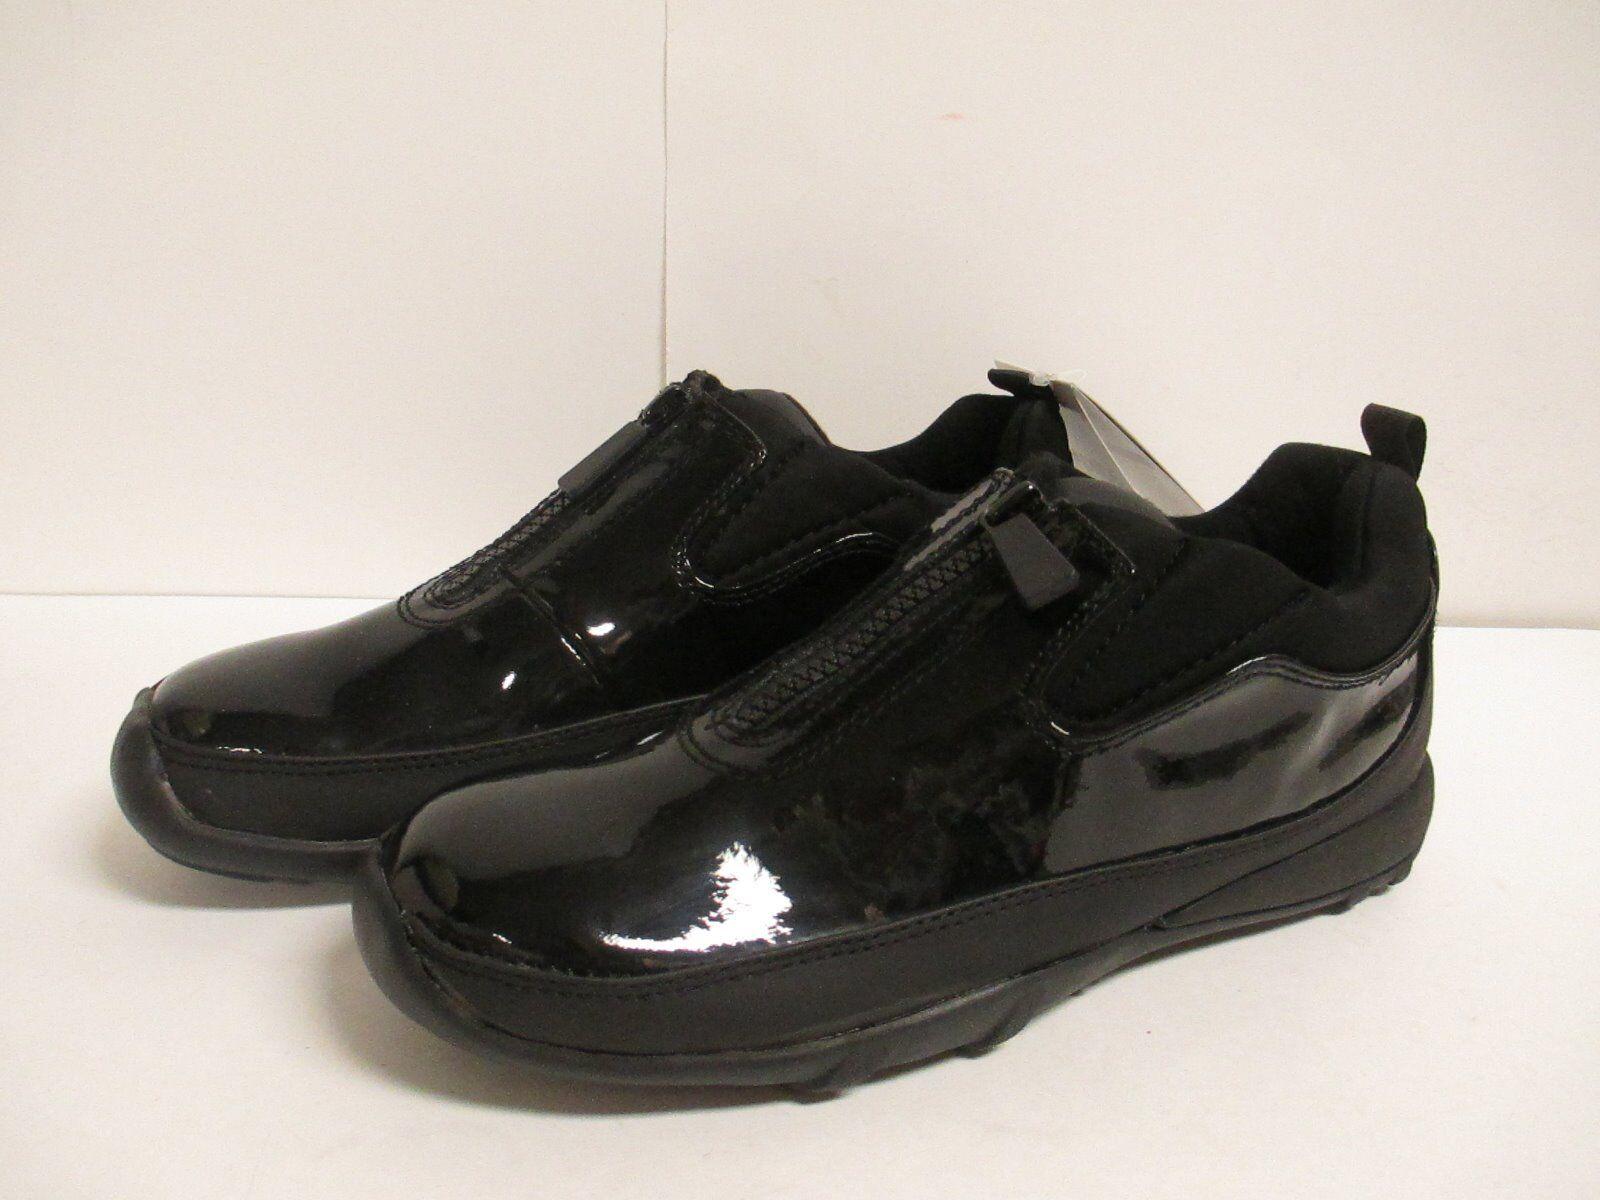 Cougar Howdoo Zip Front Waterproof  Women's Short Duck Boot Black Patent NIB